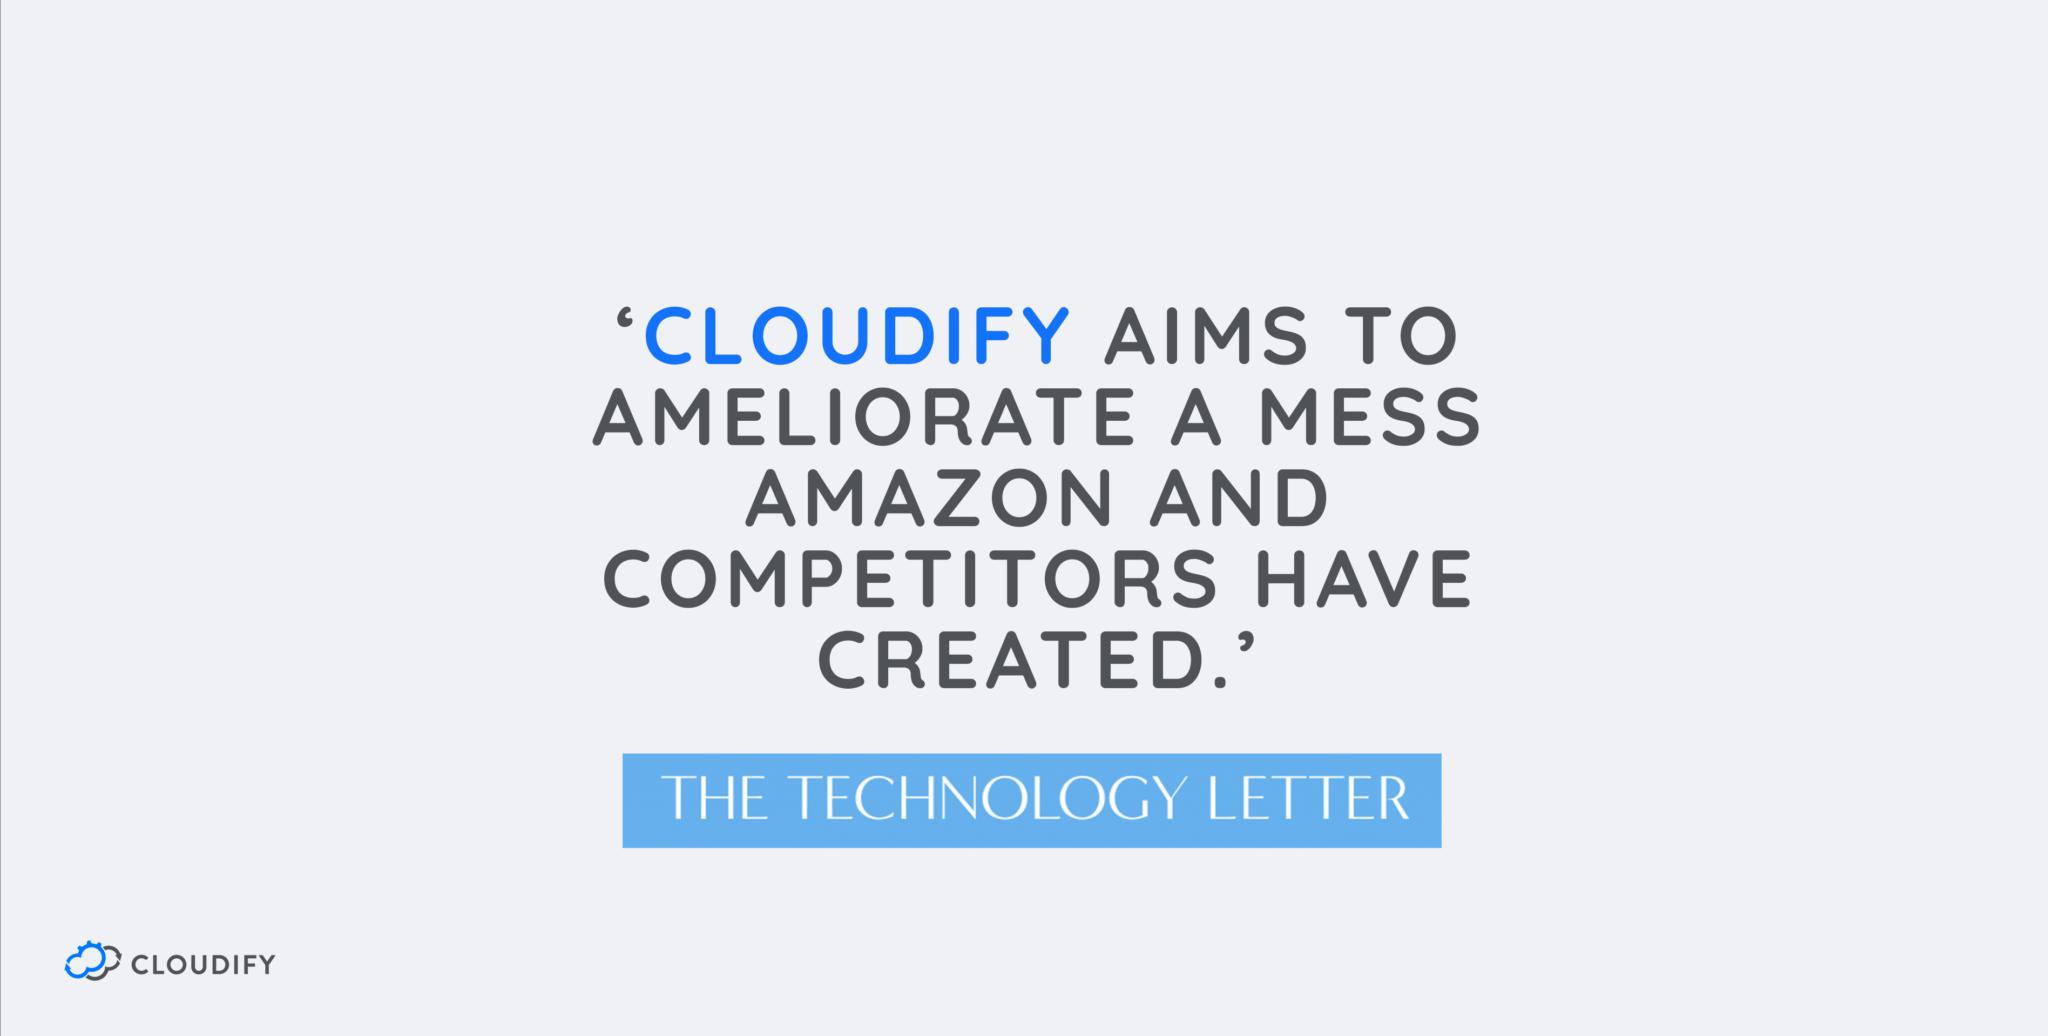 tech letter cloudify